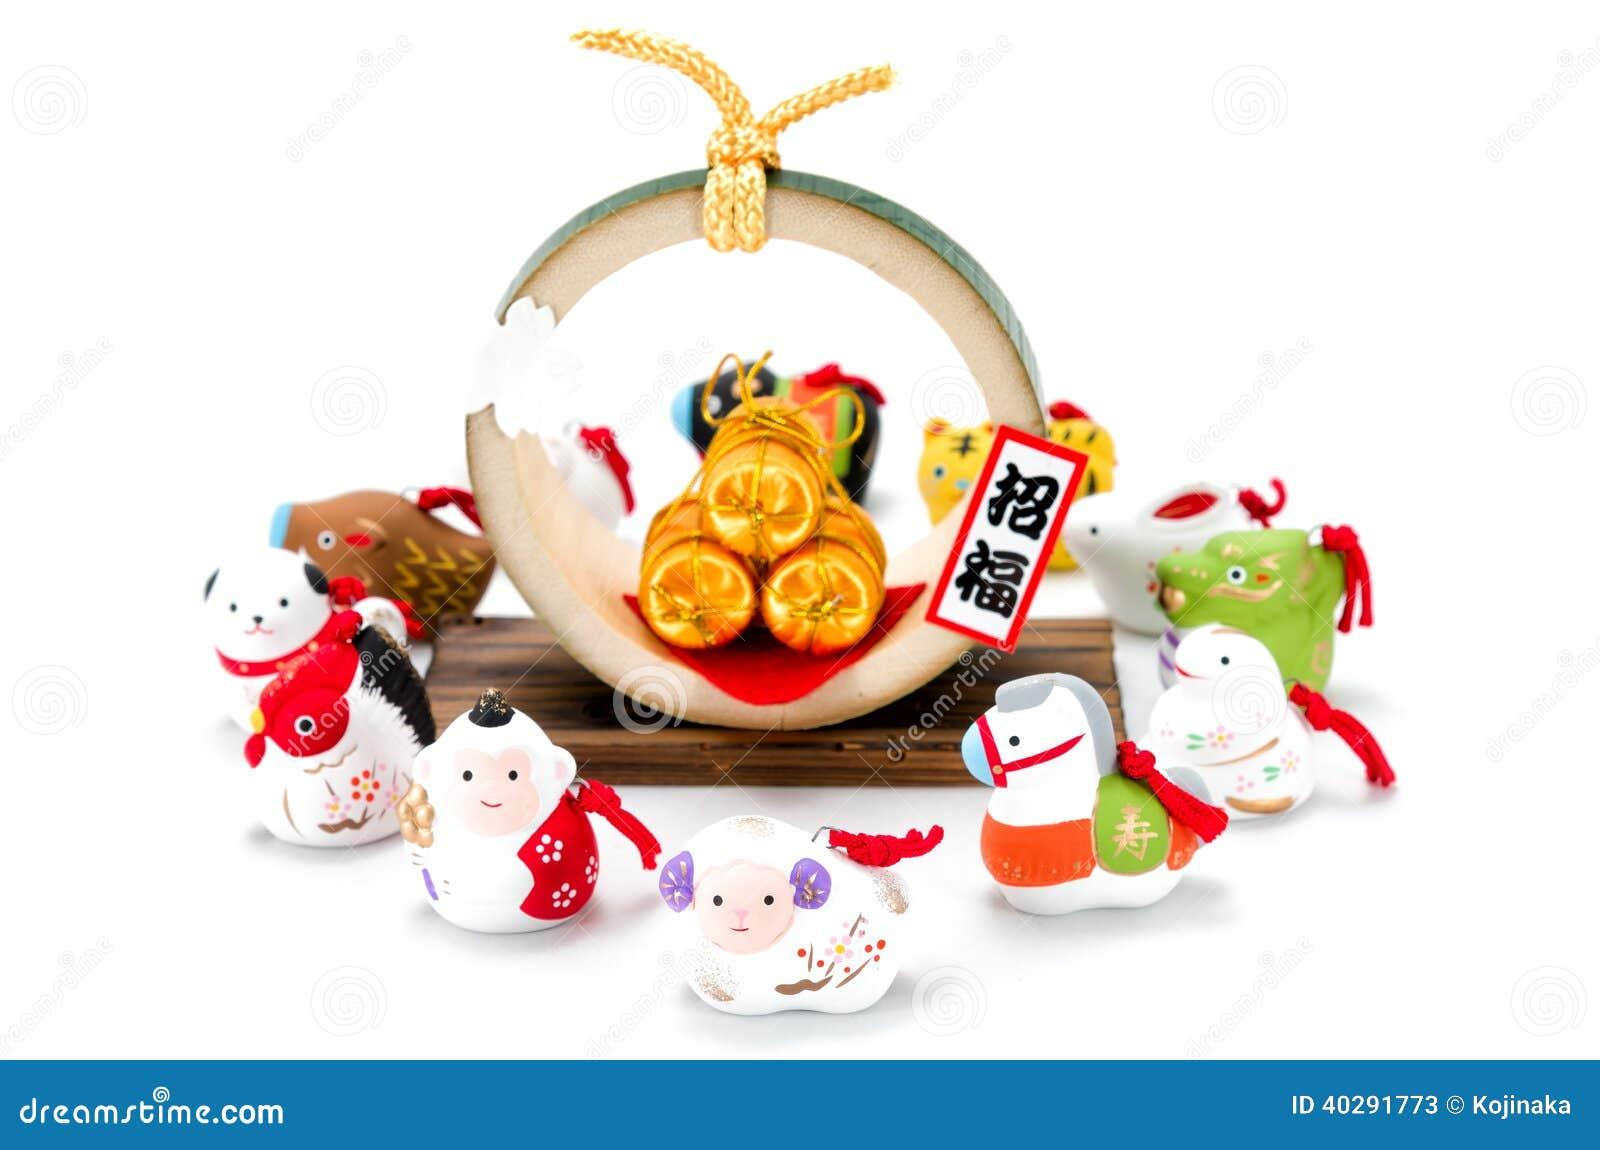 Figurines зодиака и 3 золотых сумок риса соломы.